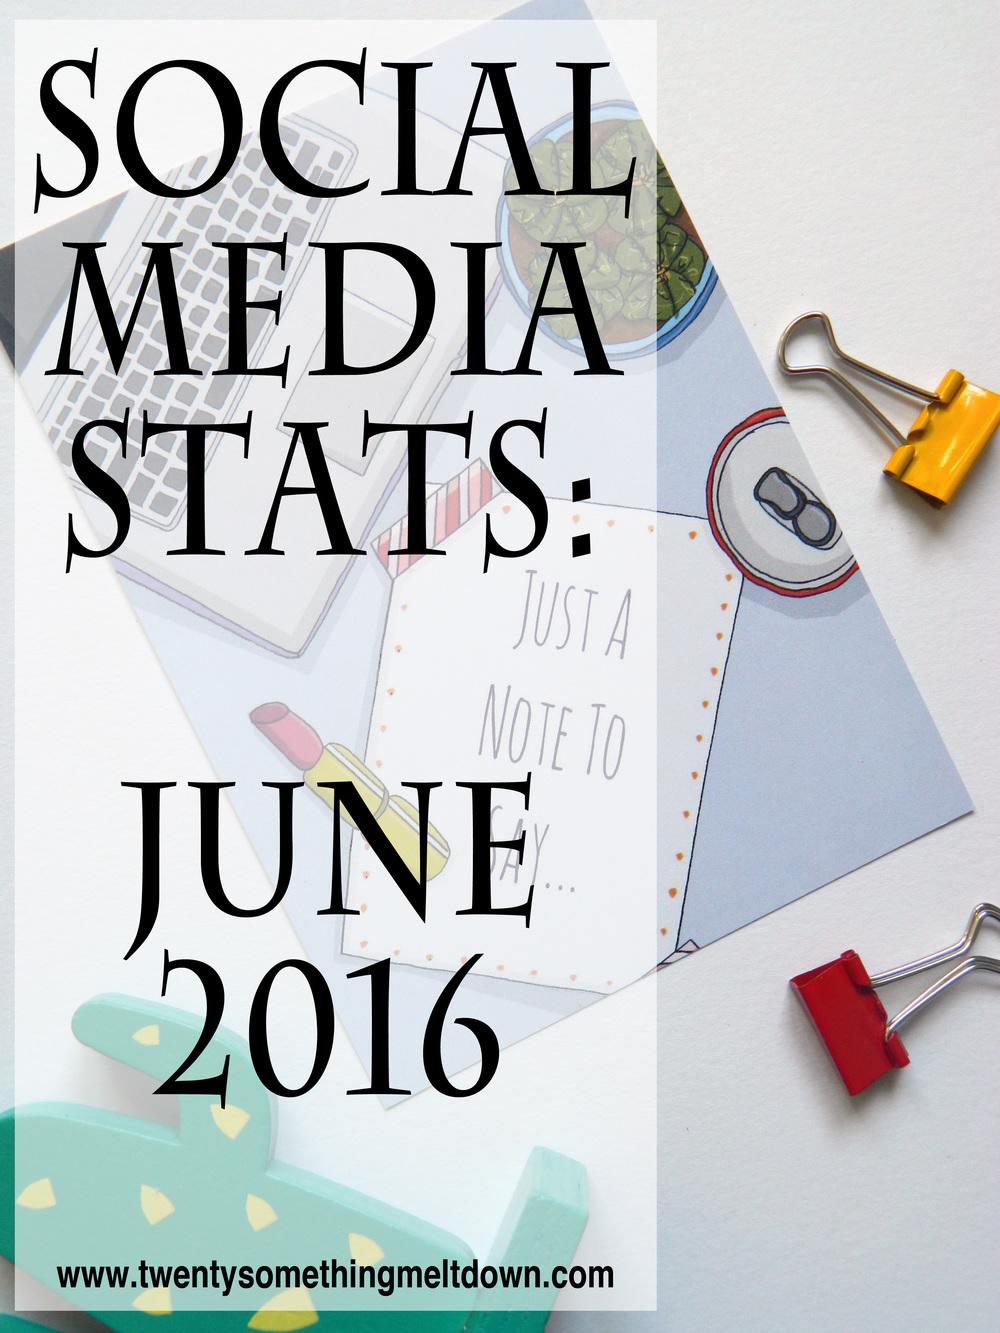 Social Media Stats - June 2016.